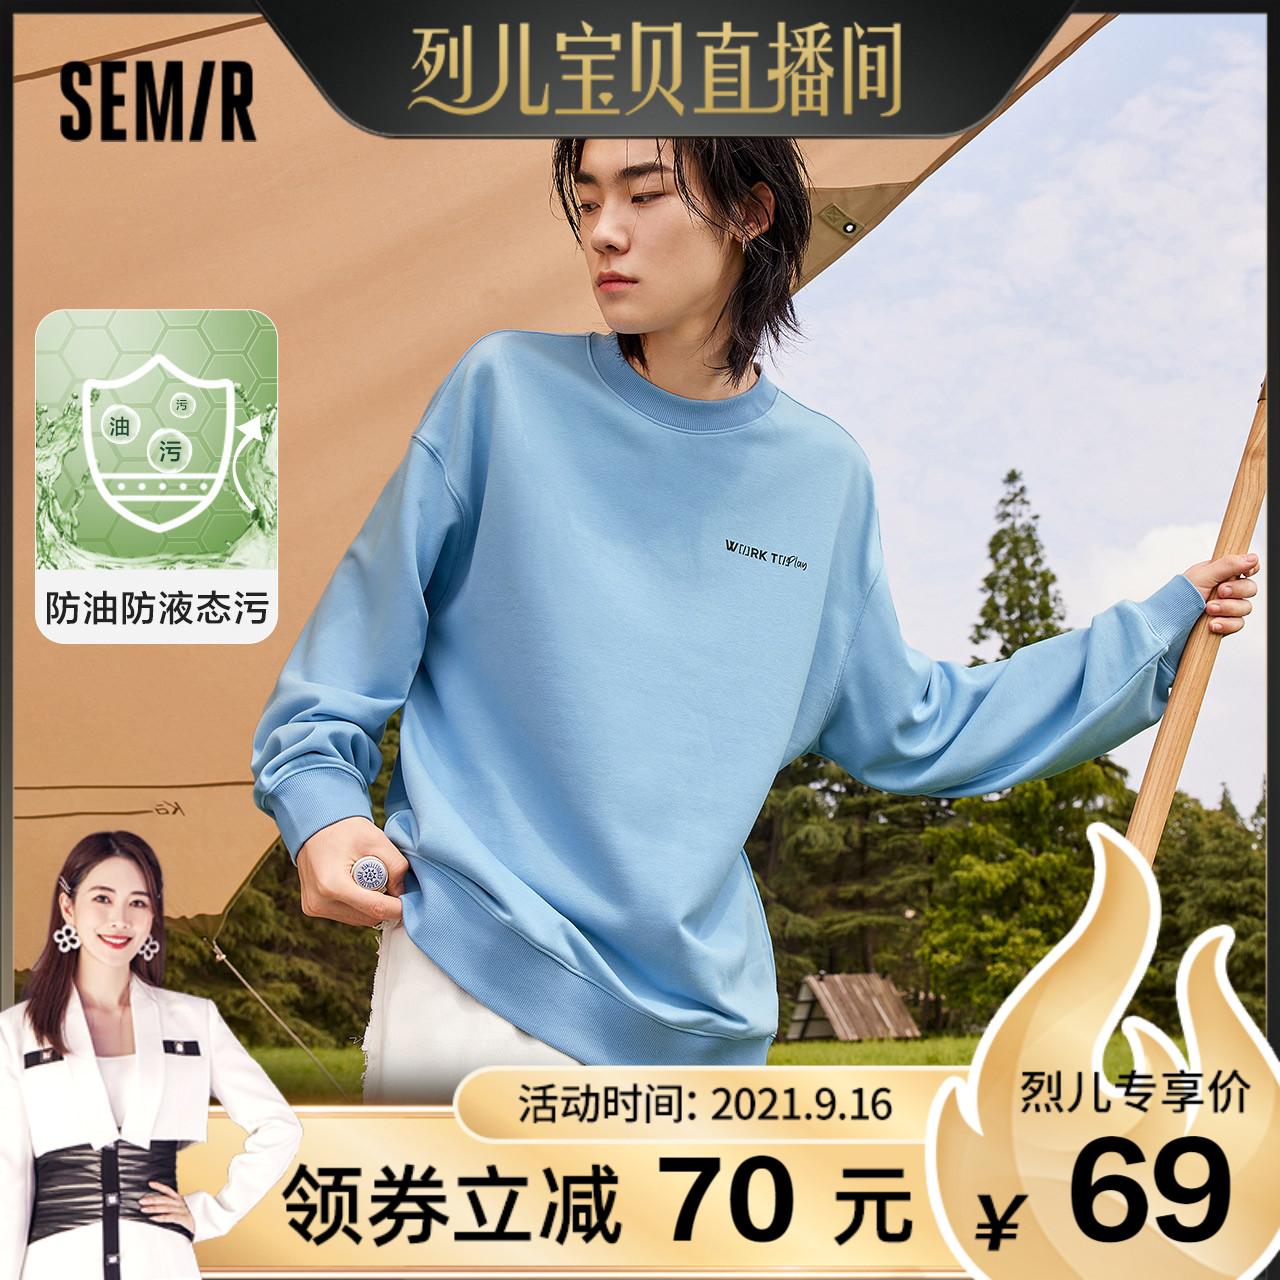 【烈儿专享】森马松炫彩字母图案纯色套头衫